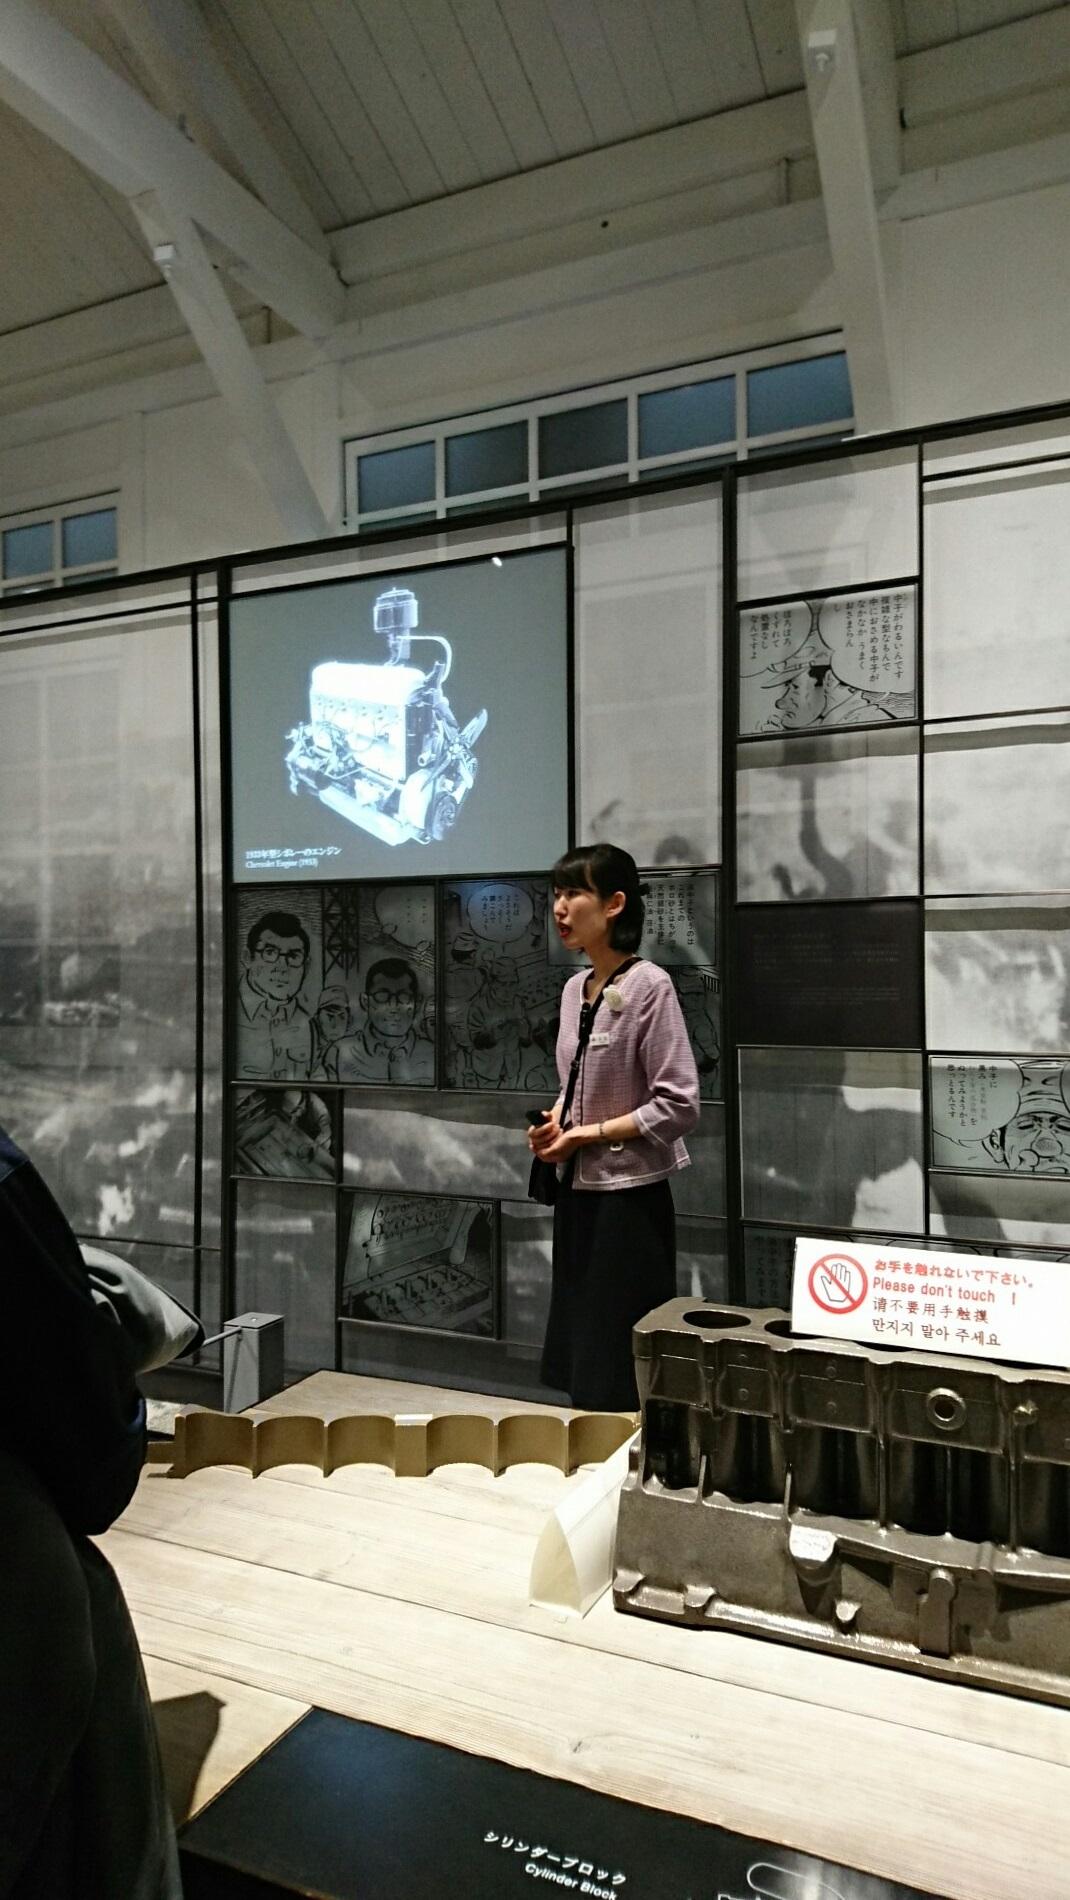 2018.5.3 (13) トヨタ産業技術記念館 - 特別展示室 1070-1900